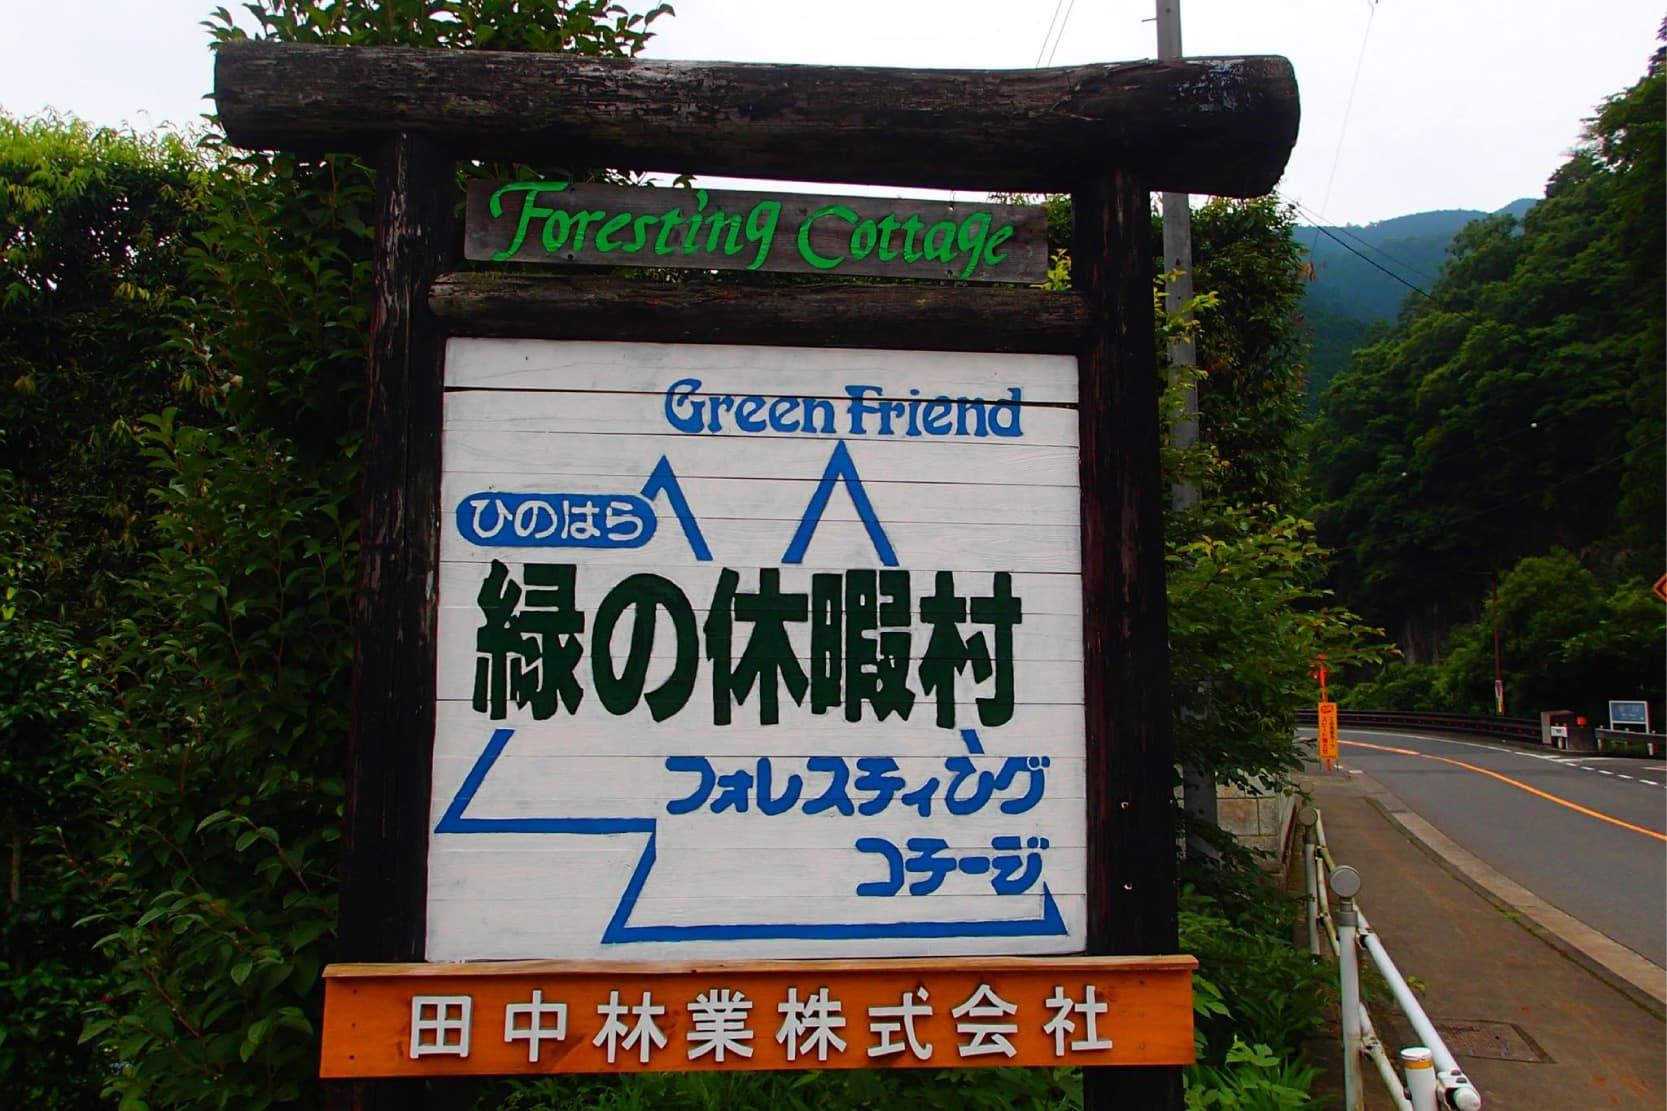 田中林業のフォレスティングコテージ